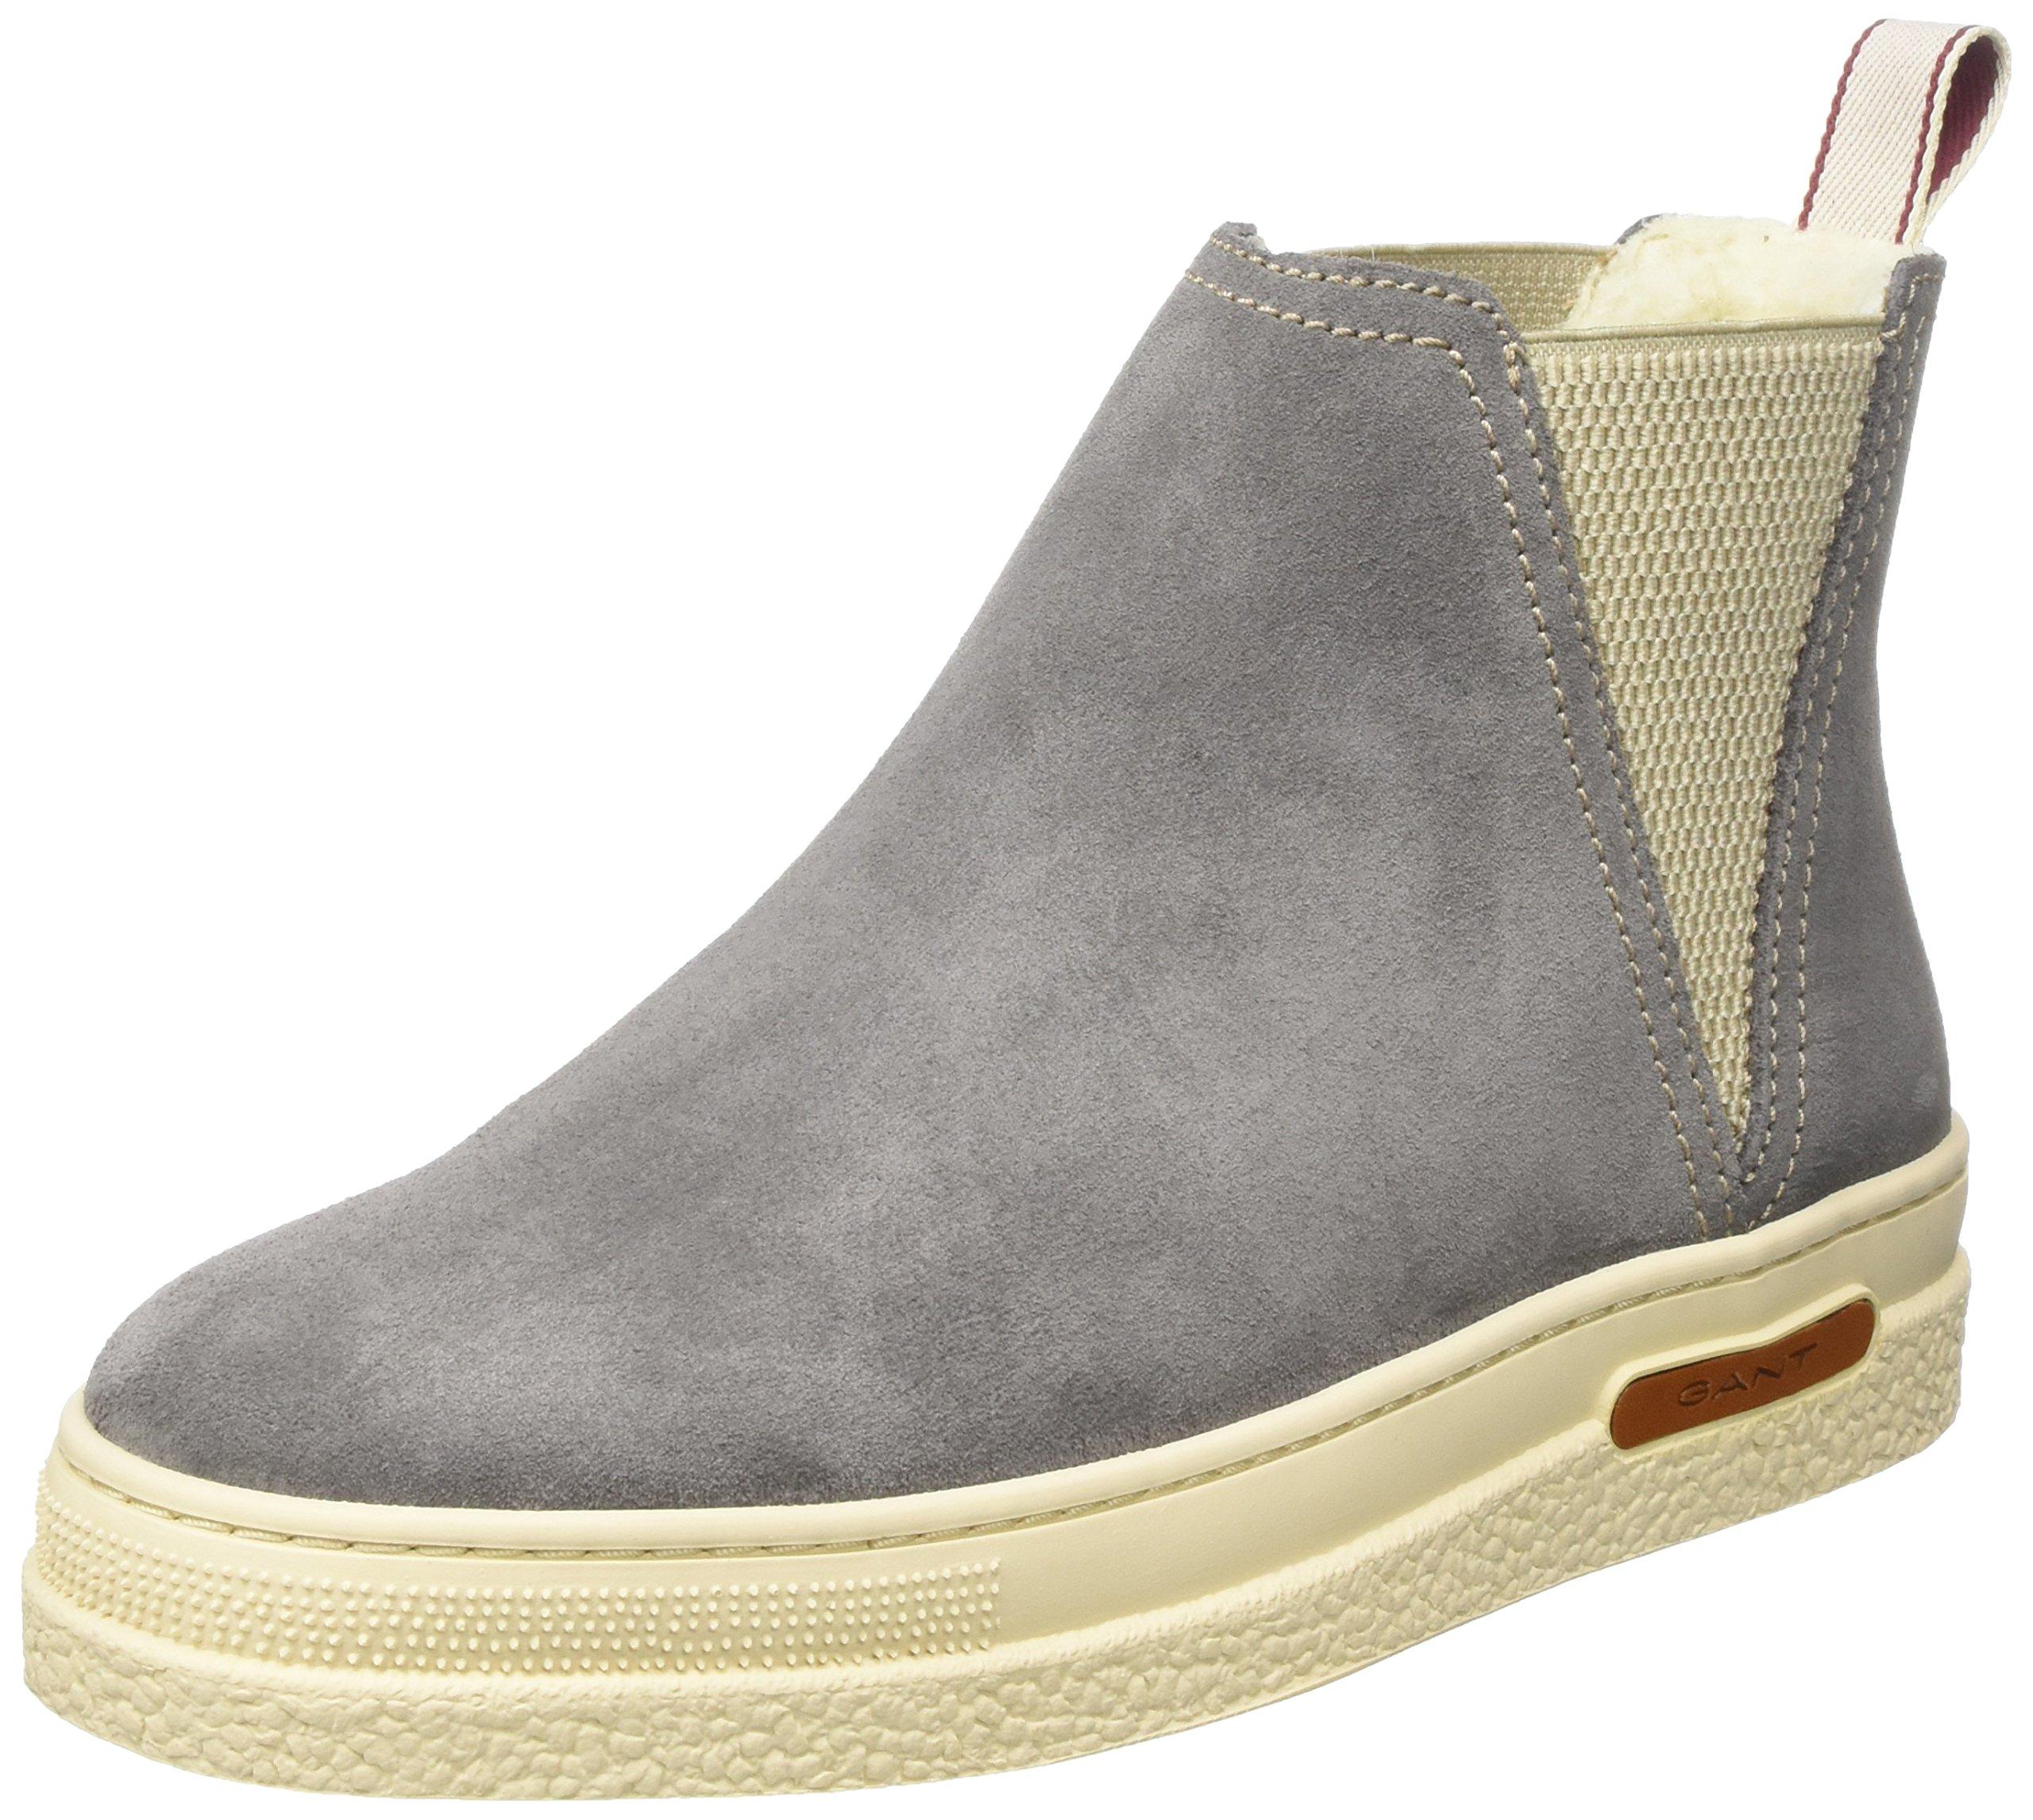 G86241 MariaChelsea FemmeGrisgray Gant Boots Day Eu e2HW9IYDEb